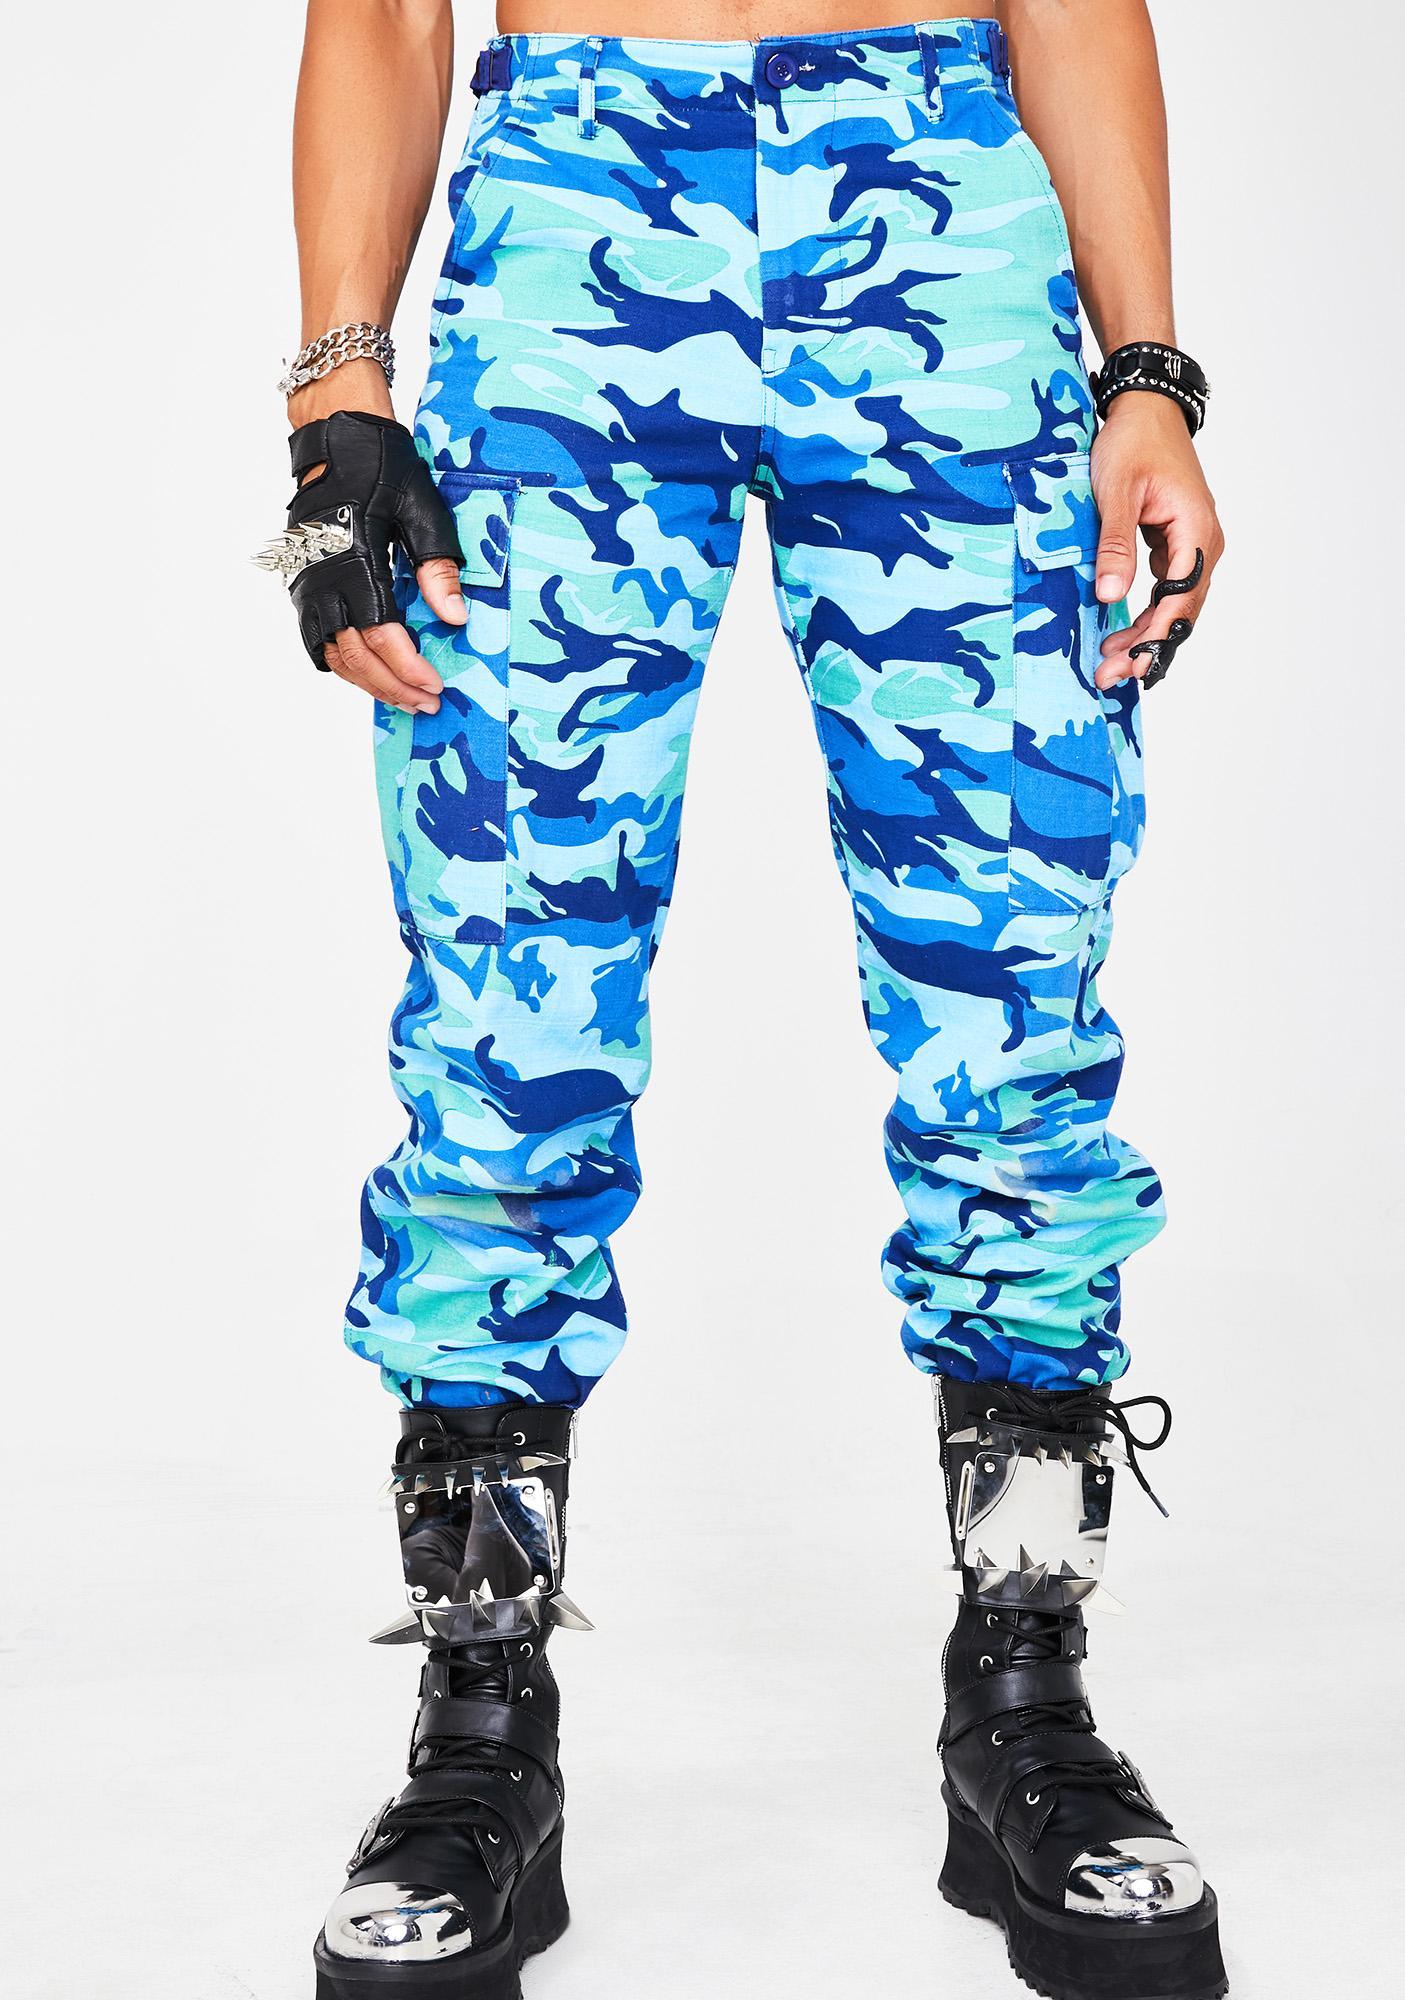 High Rise Blue Camo Cargo Pants Unisex  6b638fc4d44